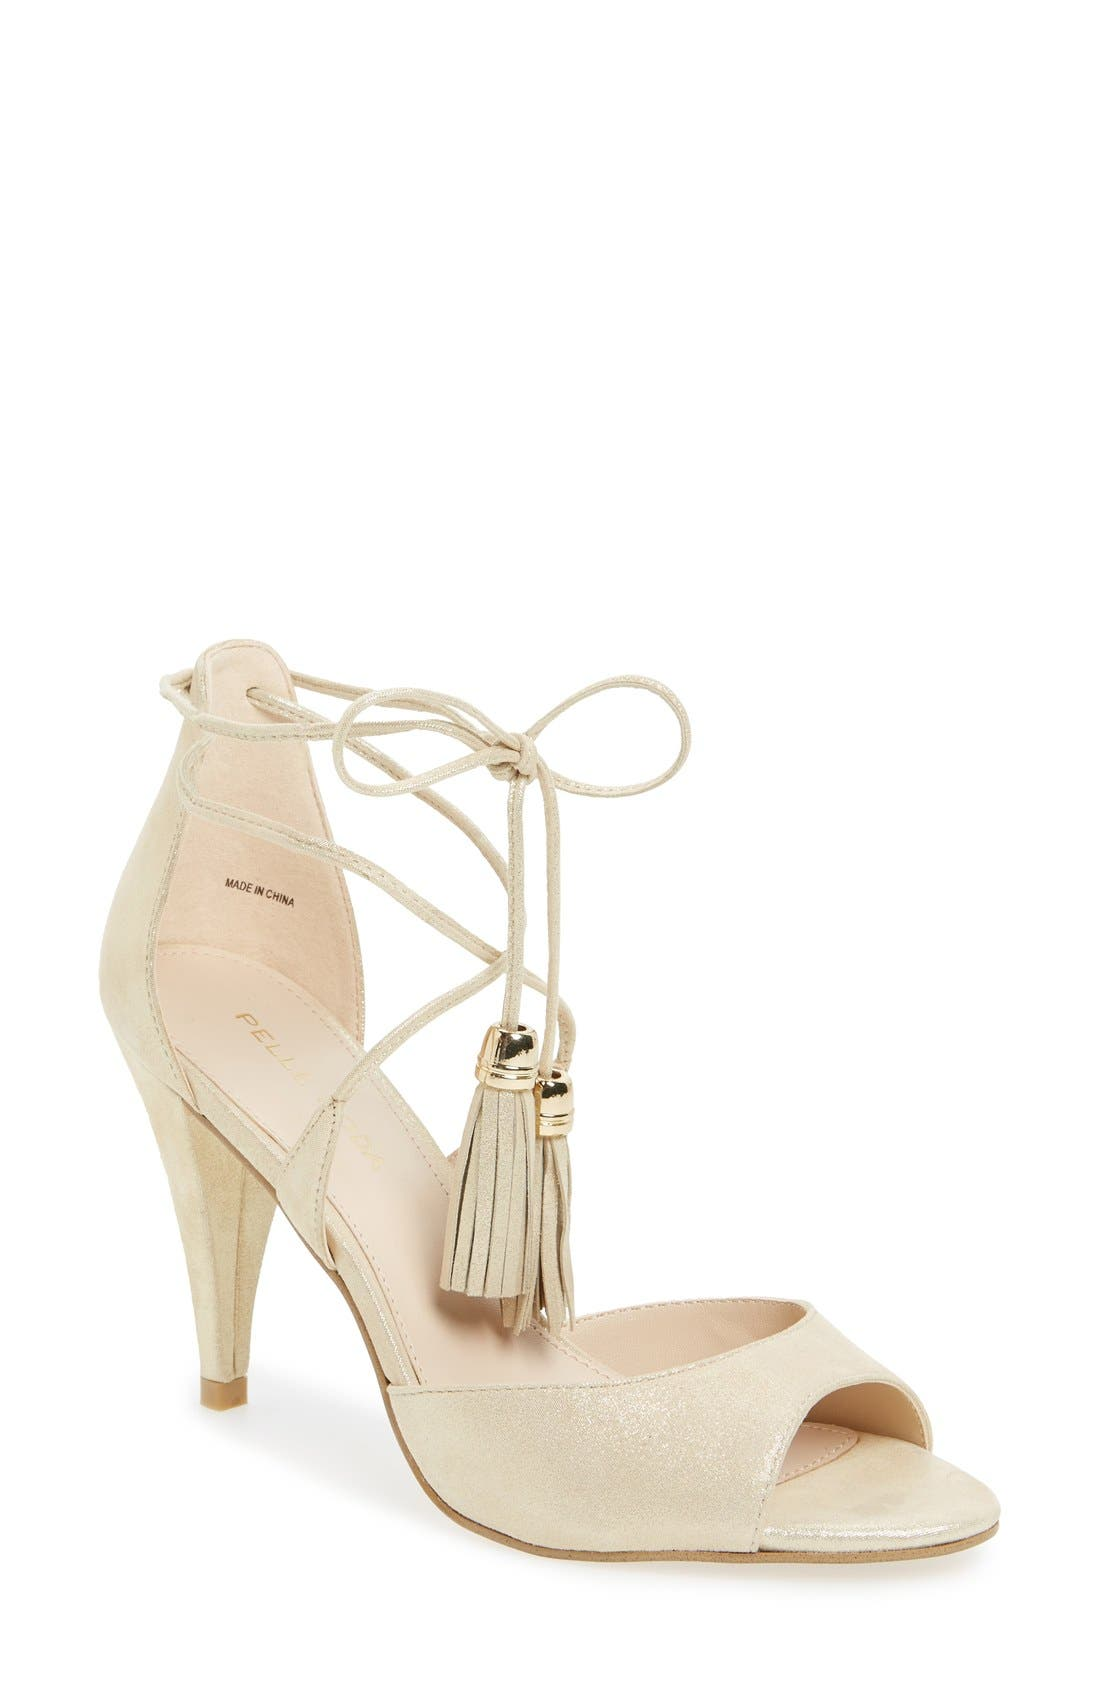 Main Image - Pelle Moda 'Ruel' Tasseled Sandal (Women)